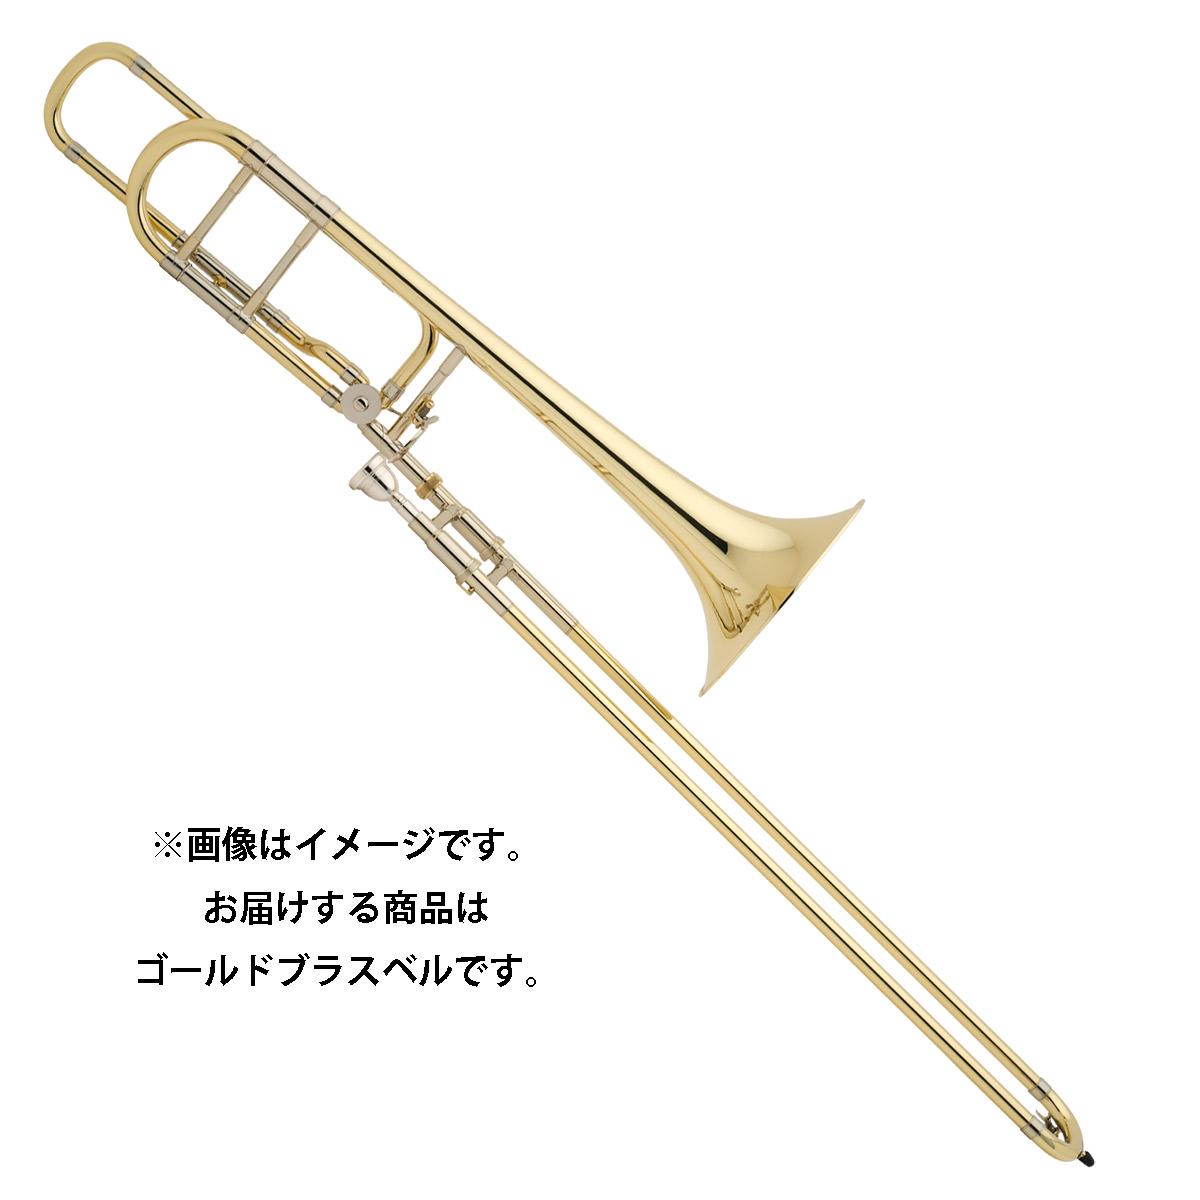 【トロンボーンスタンドプレゼント中】Bach 42BO GB ゴールドブラスベル ラッカー仕上げ オープンラップ テナーバストロンボーン 太管 【バック】